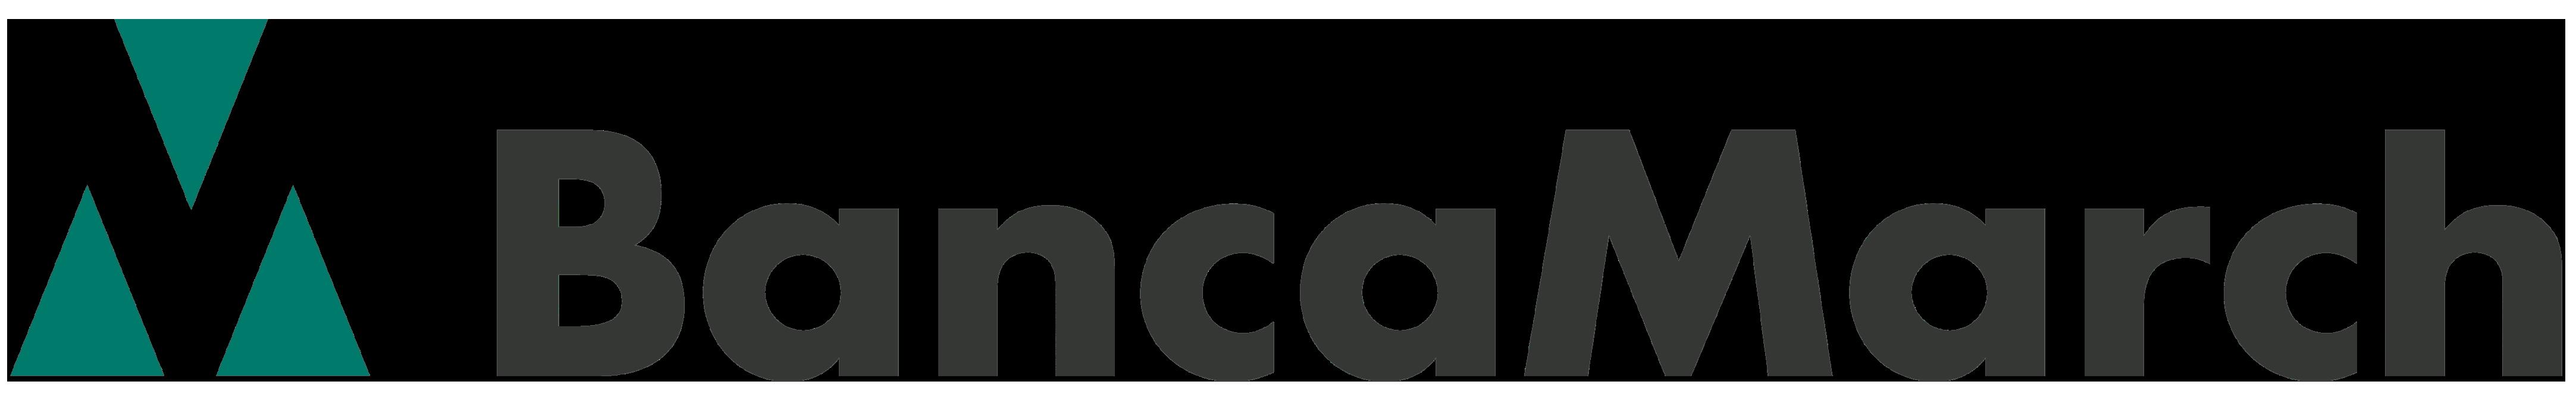 Banca March Logos Download